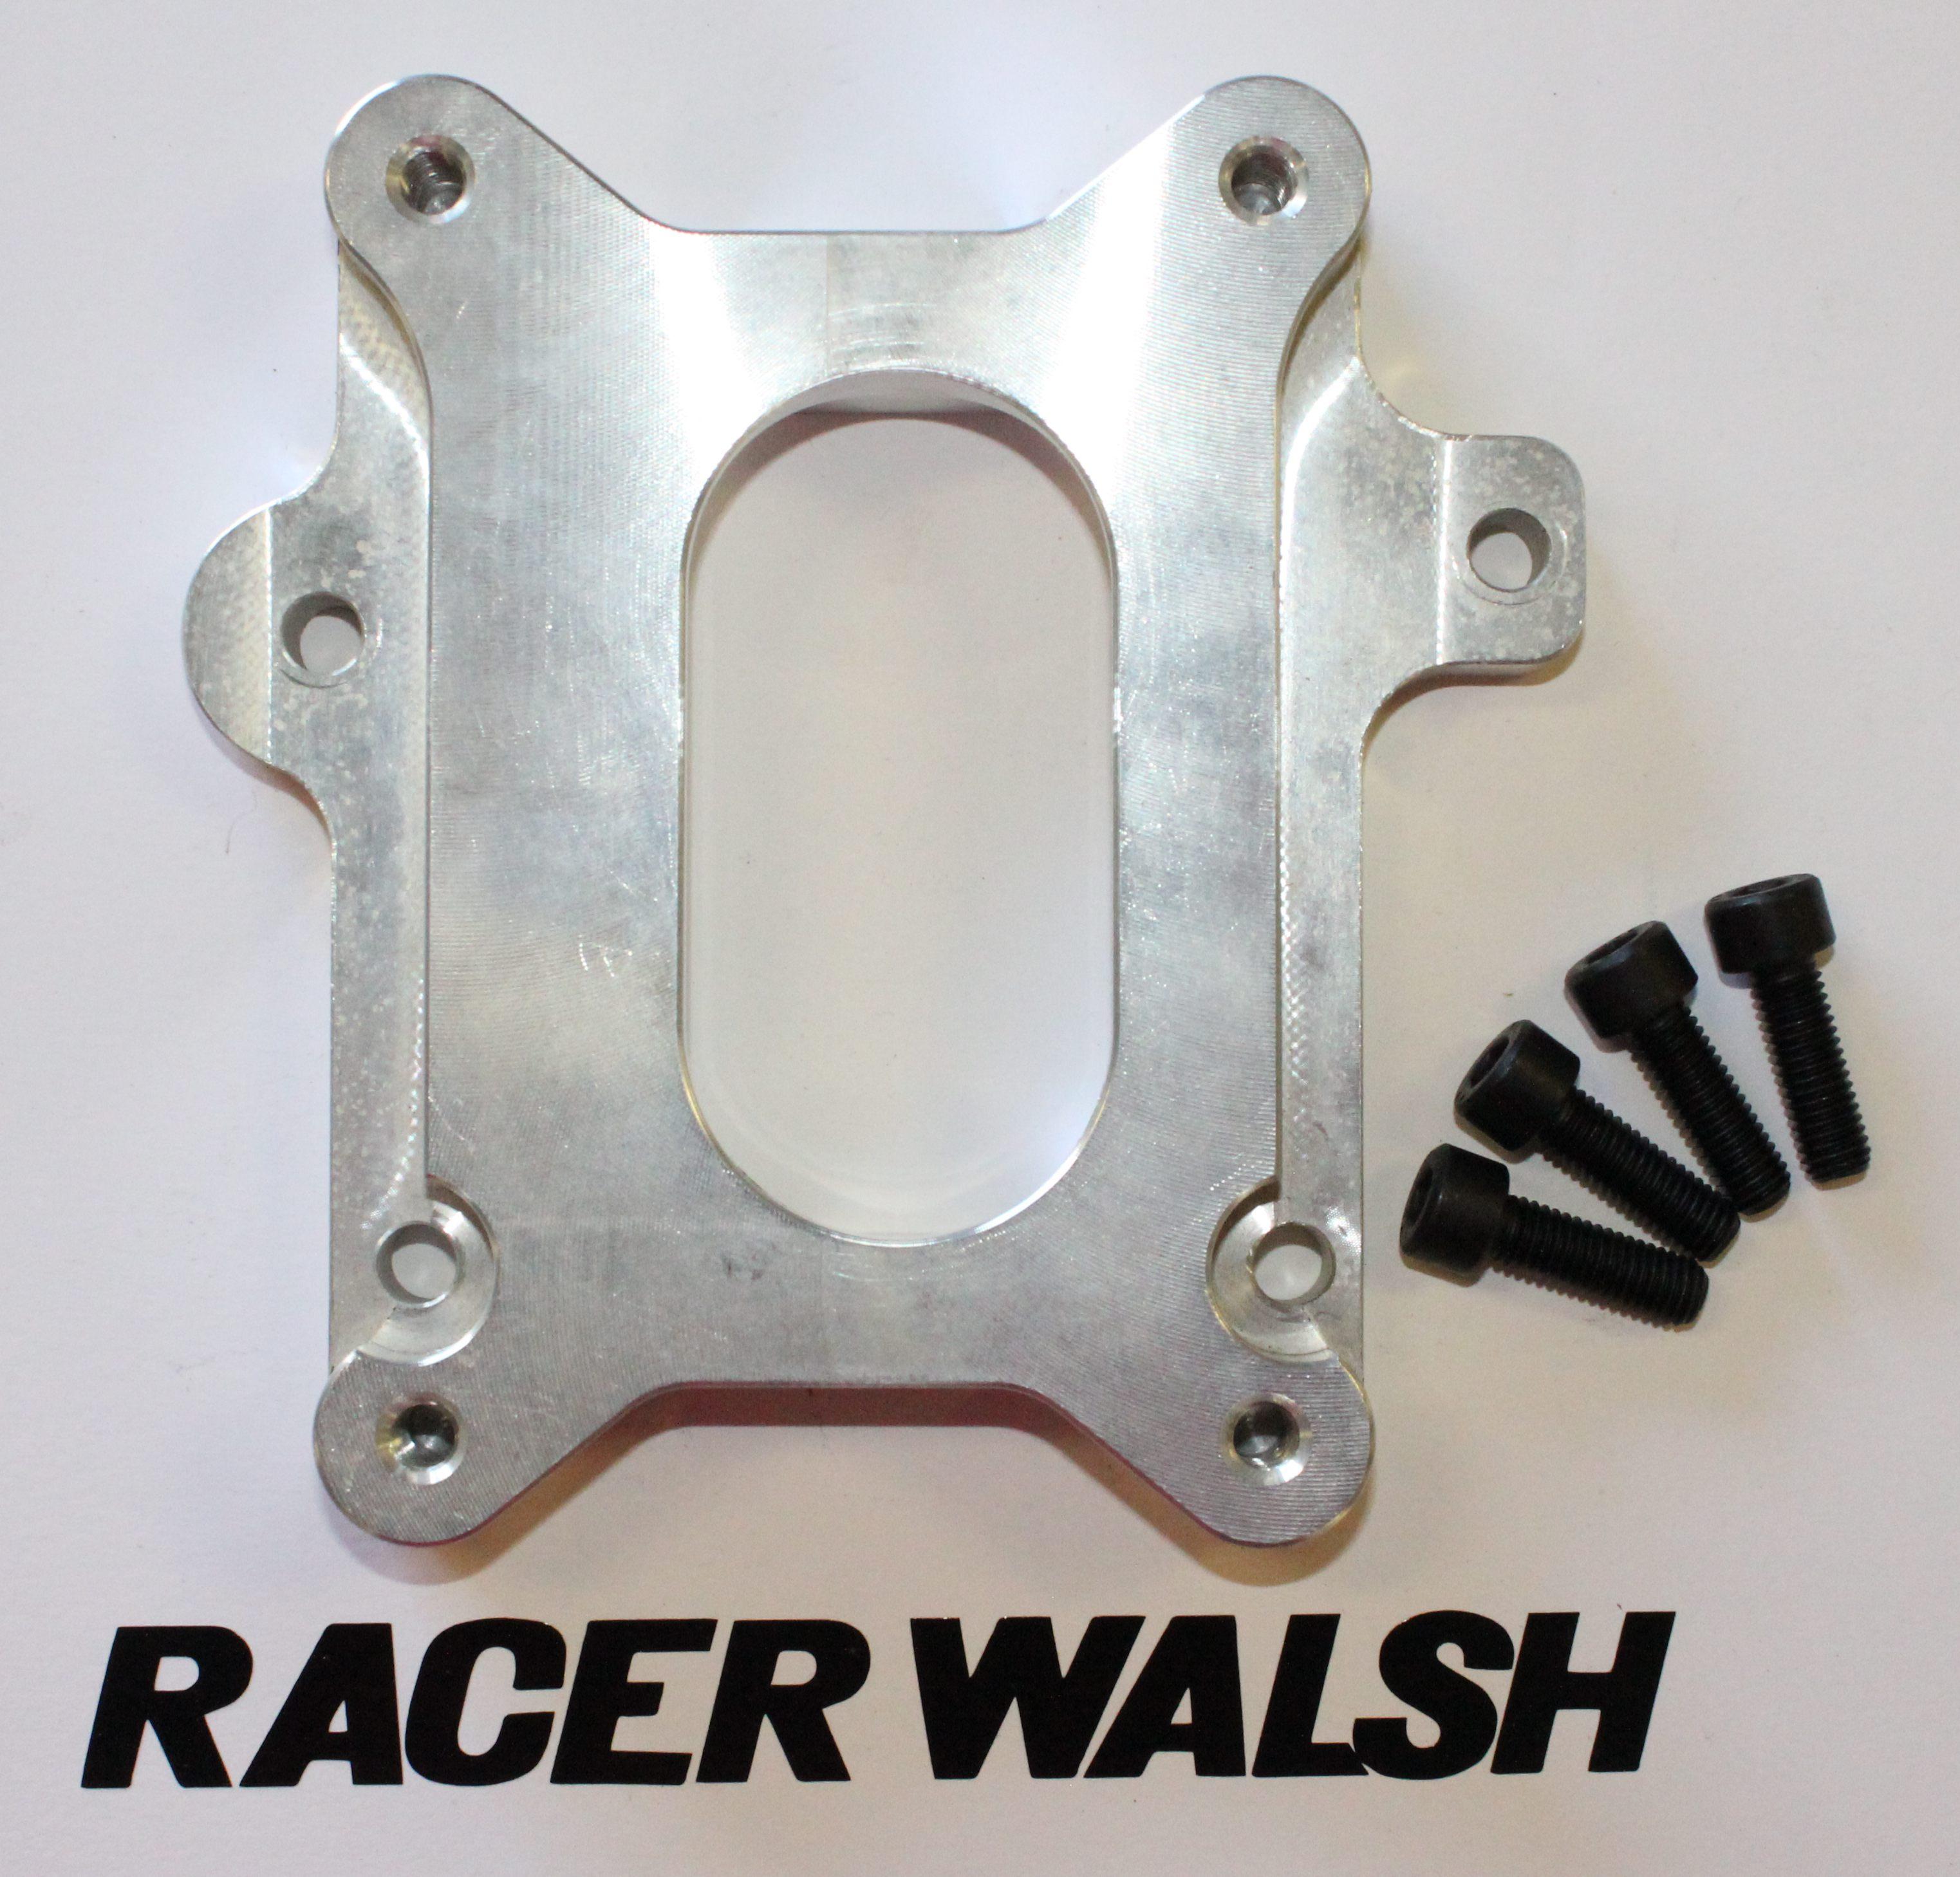 racerwalsh.com